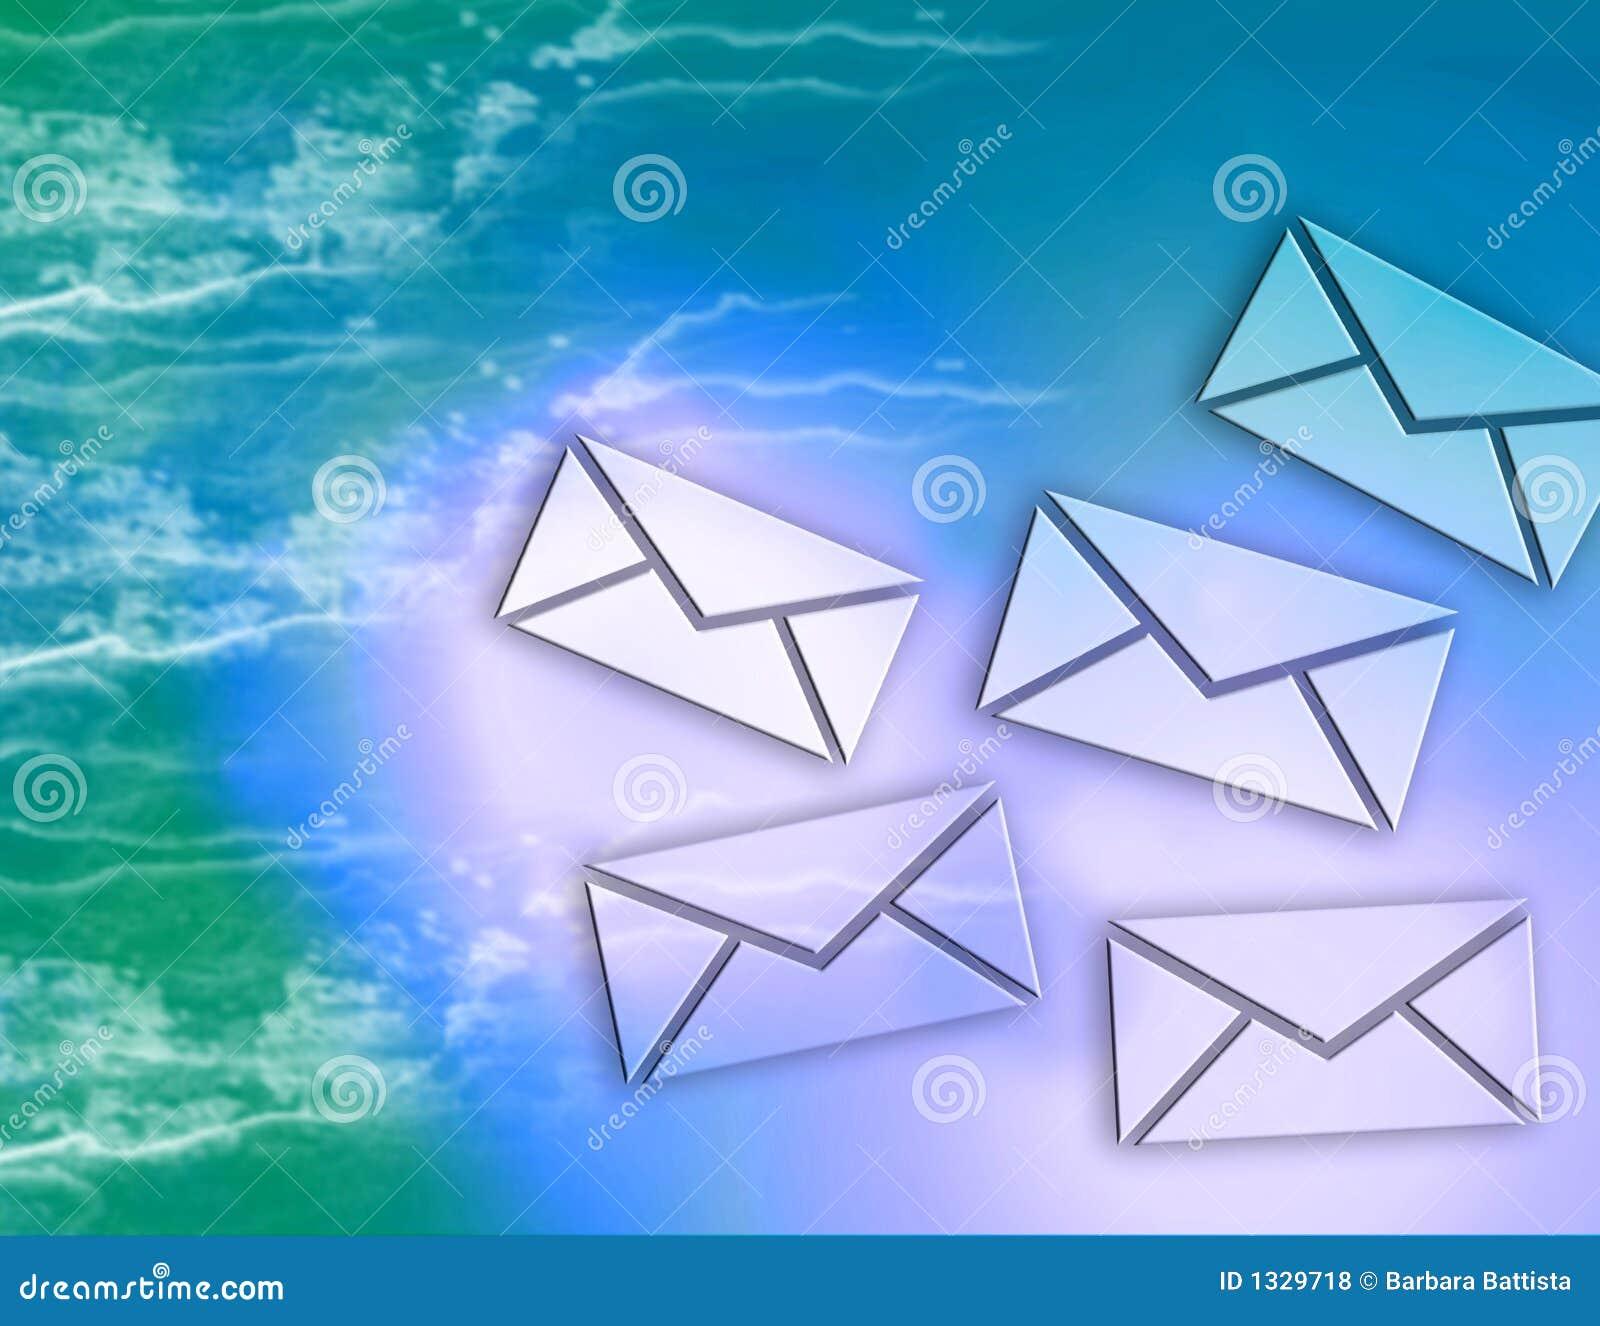 μηνύματα ταχυδρομείου ε Διαδίκτυο